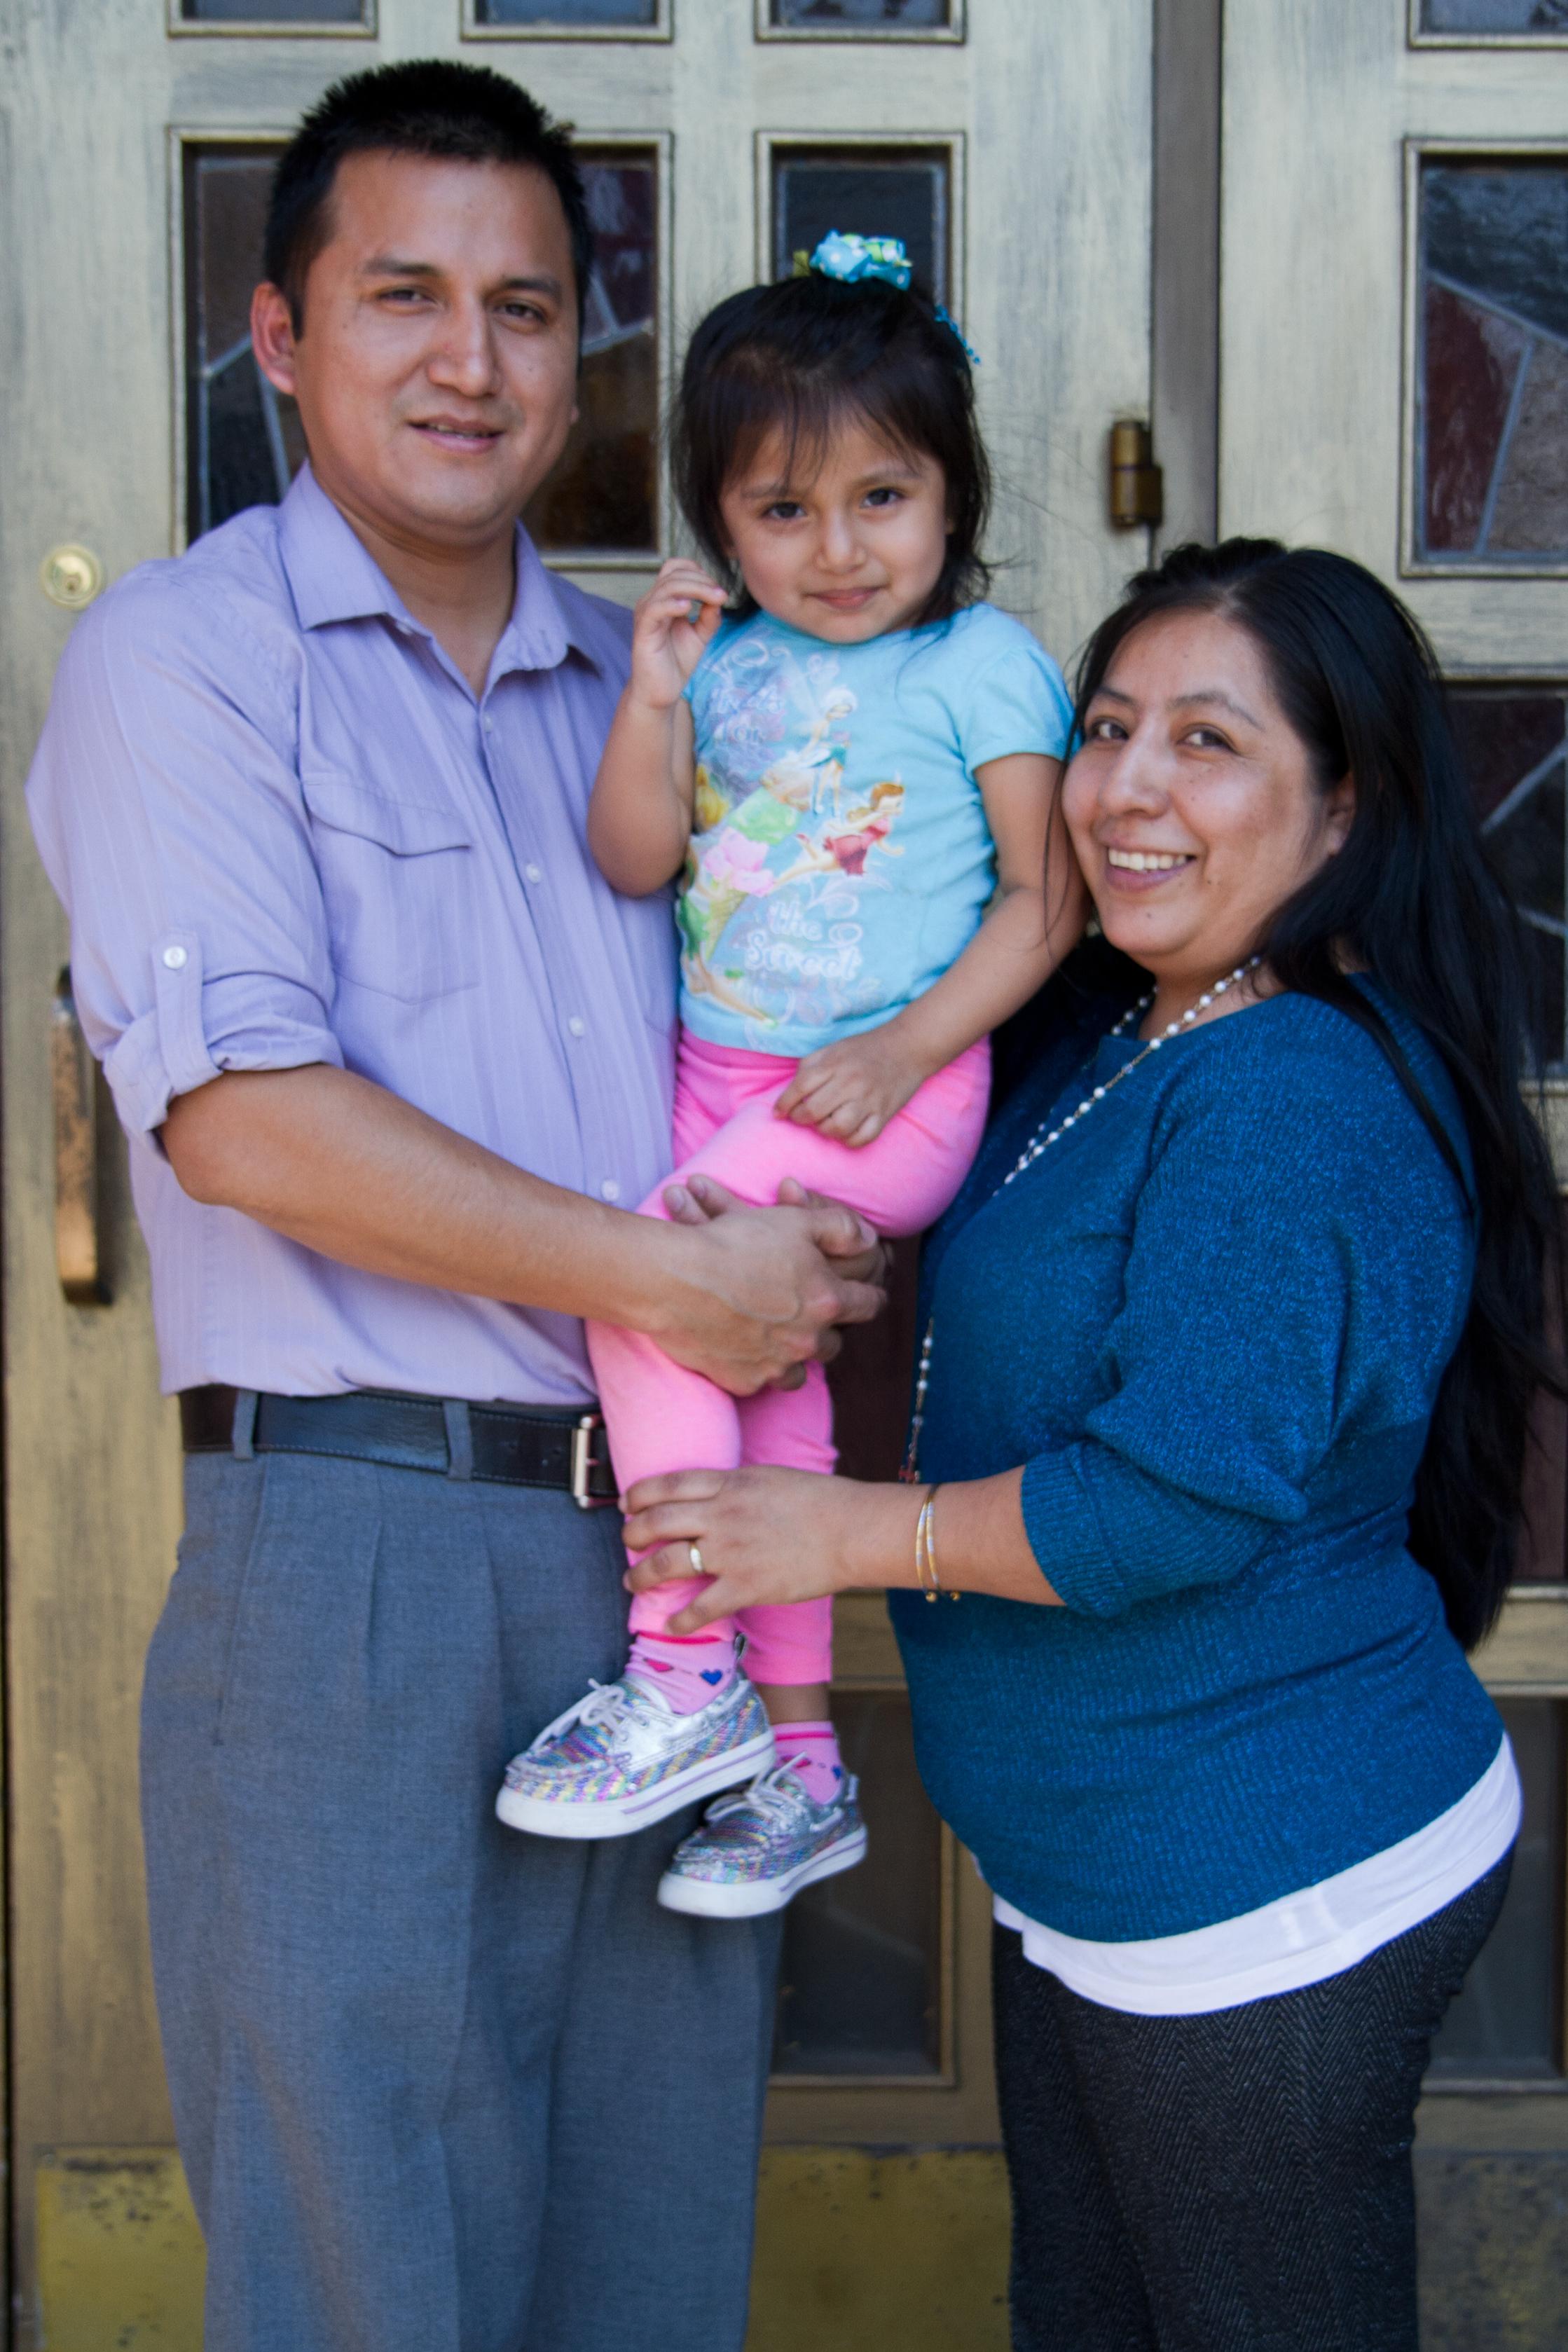 Familia hispana de Poughkeepsie. Foto de Felipe Santos